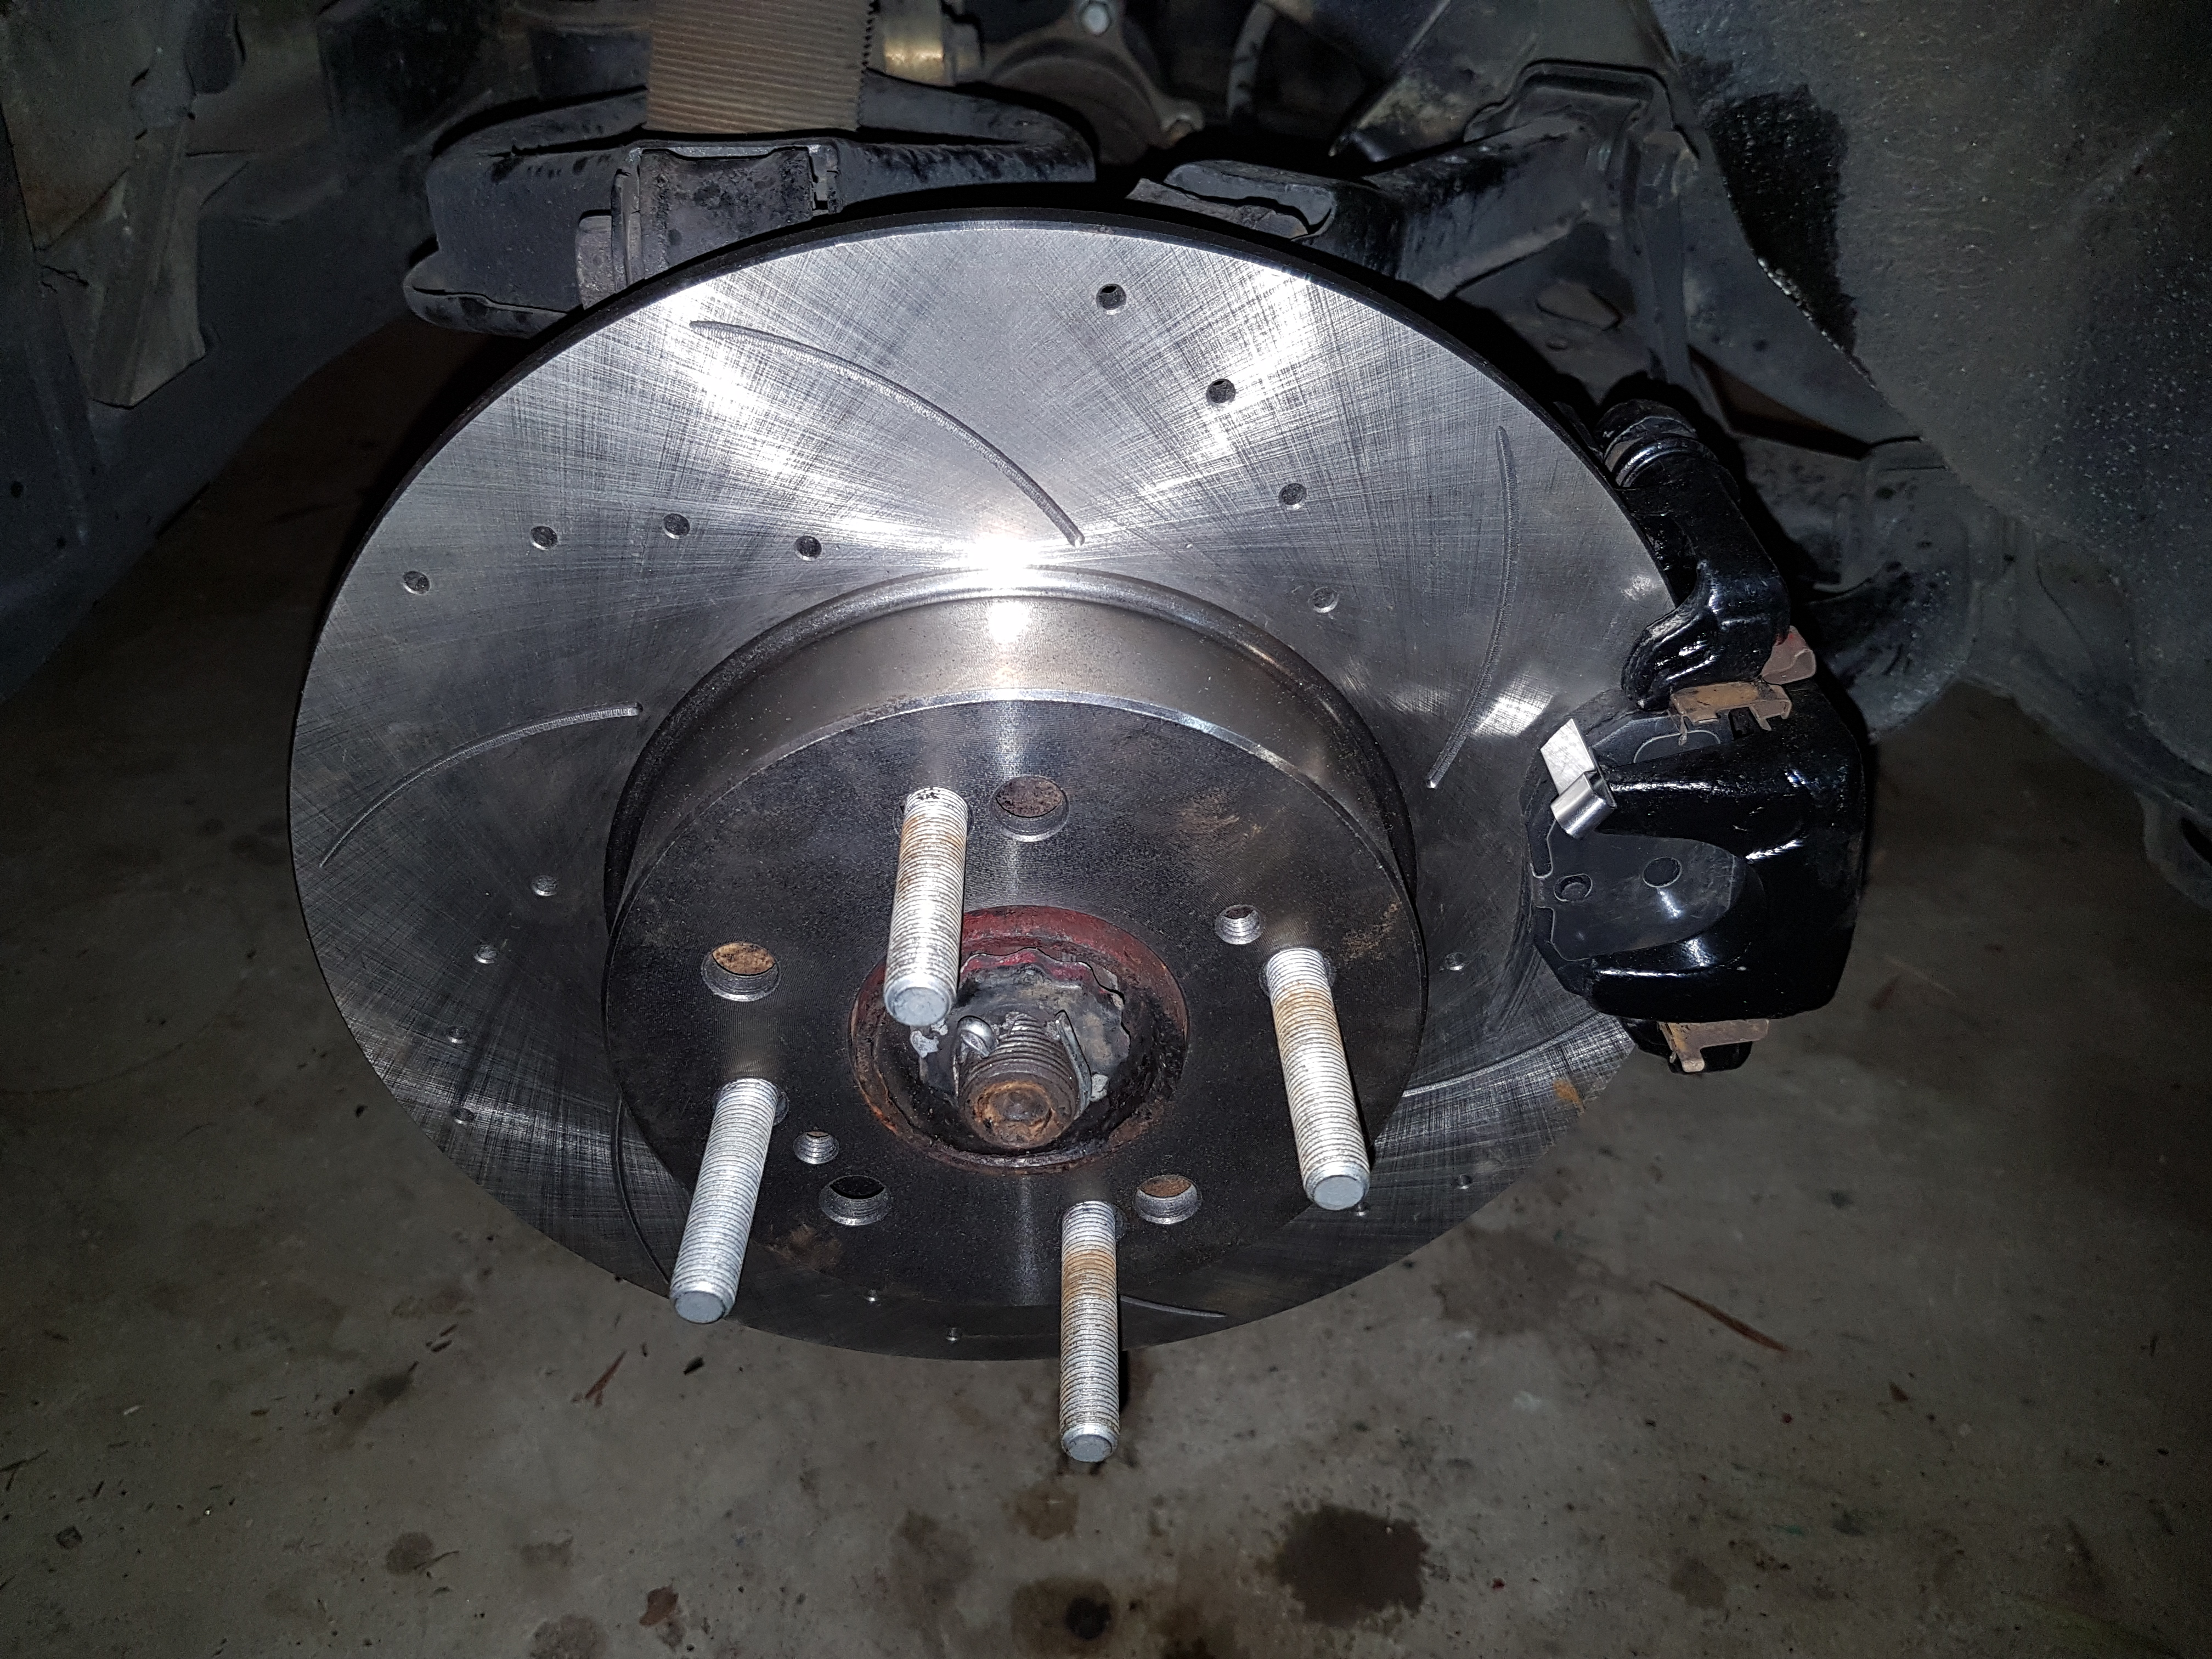 S13 Brake Upgrades Sr20 Tuning Motor Drum Switch Wiring Diagram Get Free Image About Wp 1471698315704